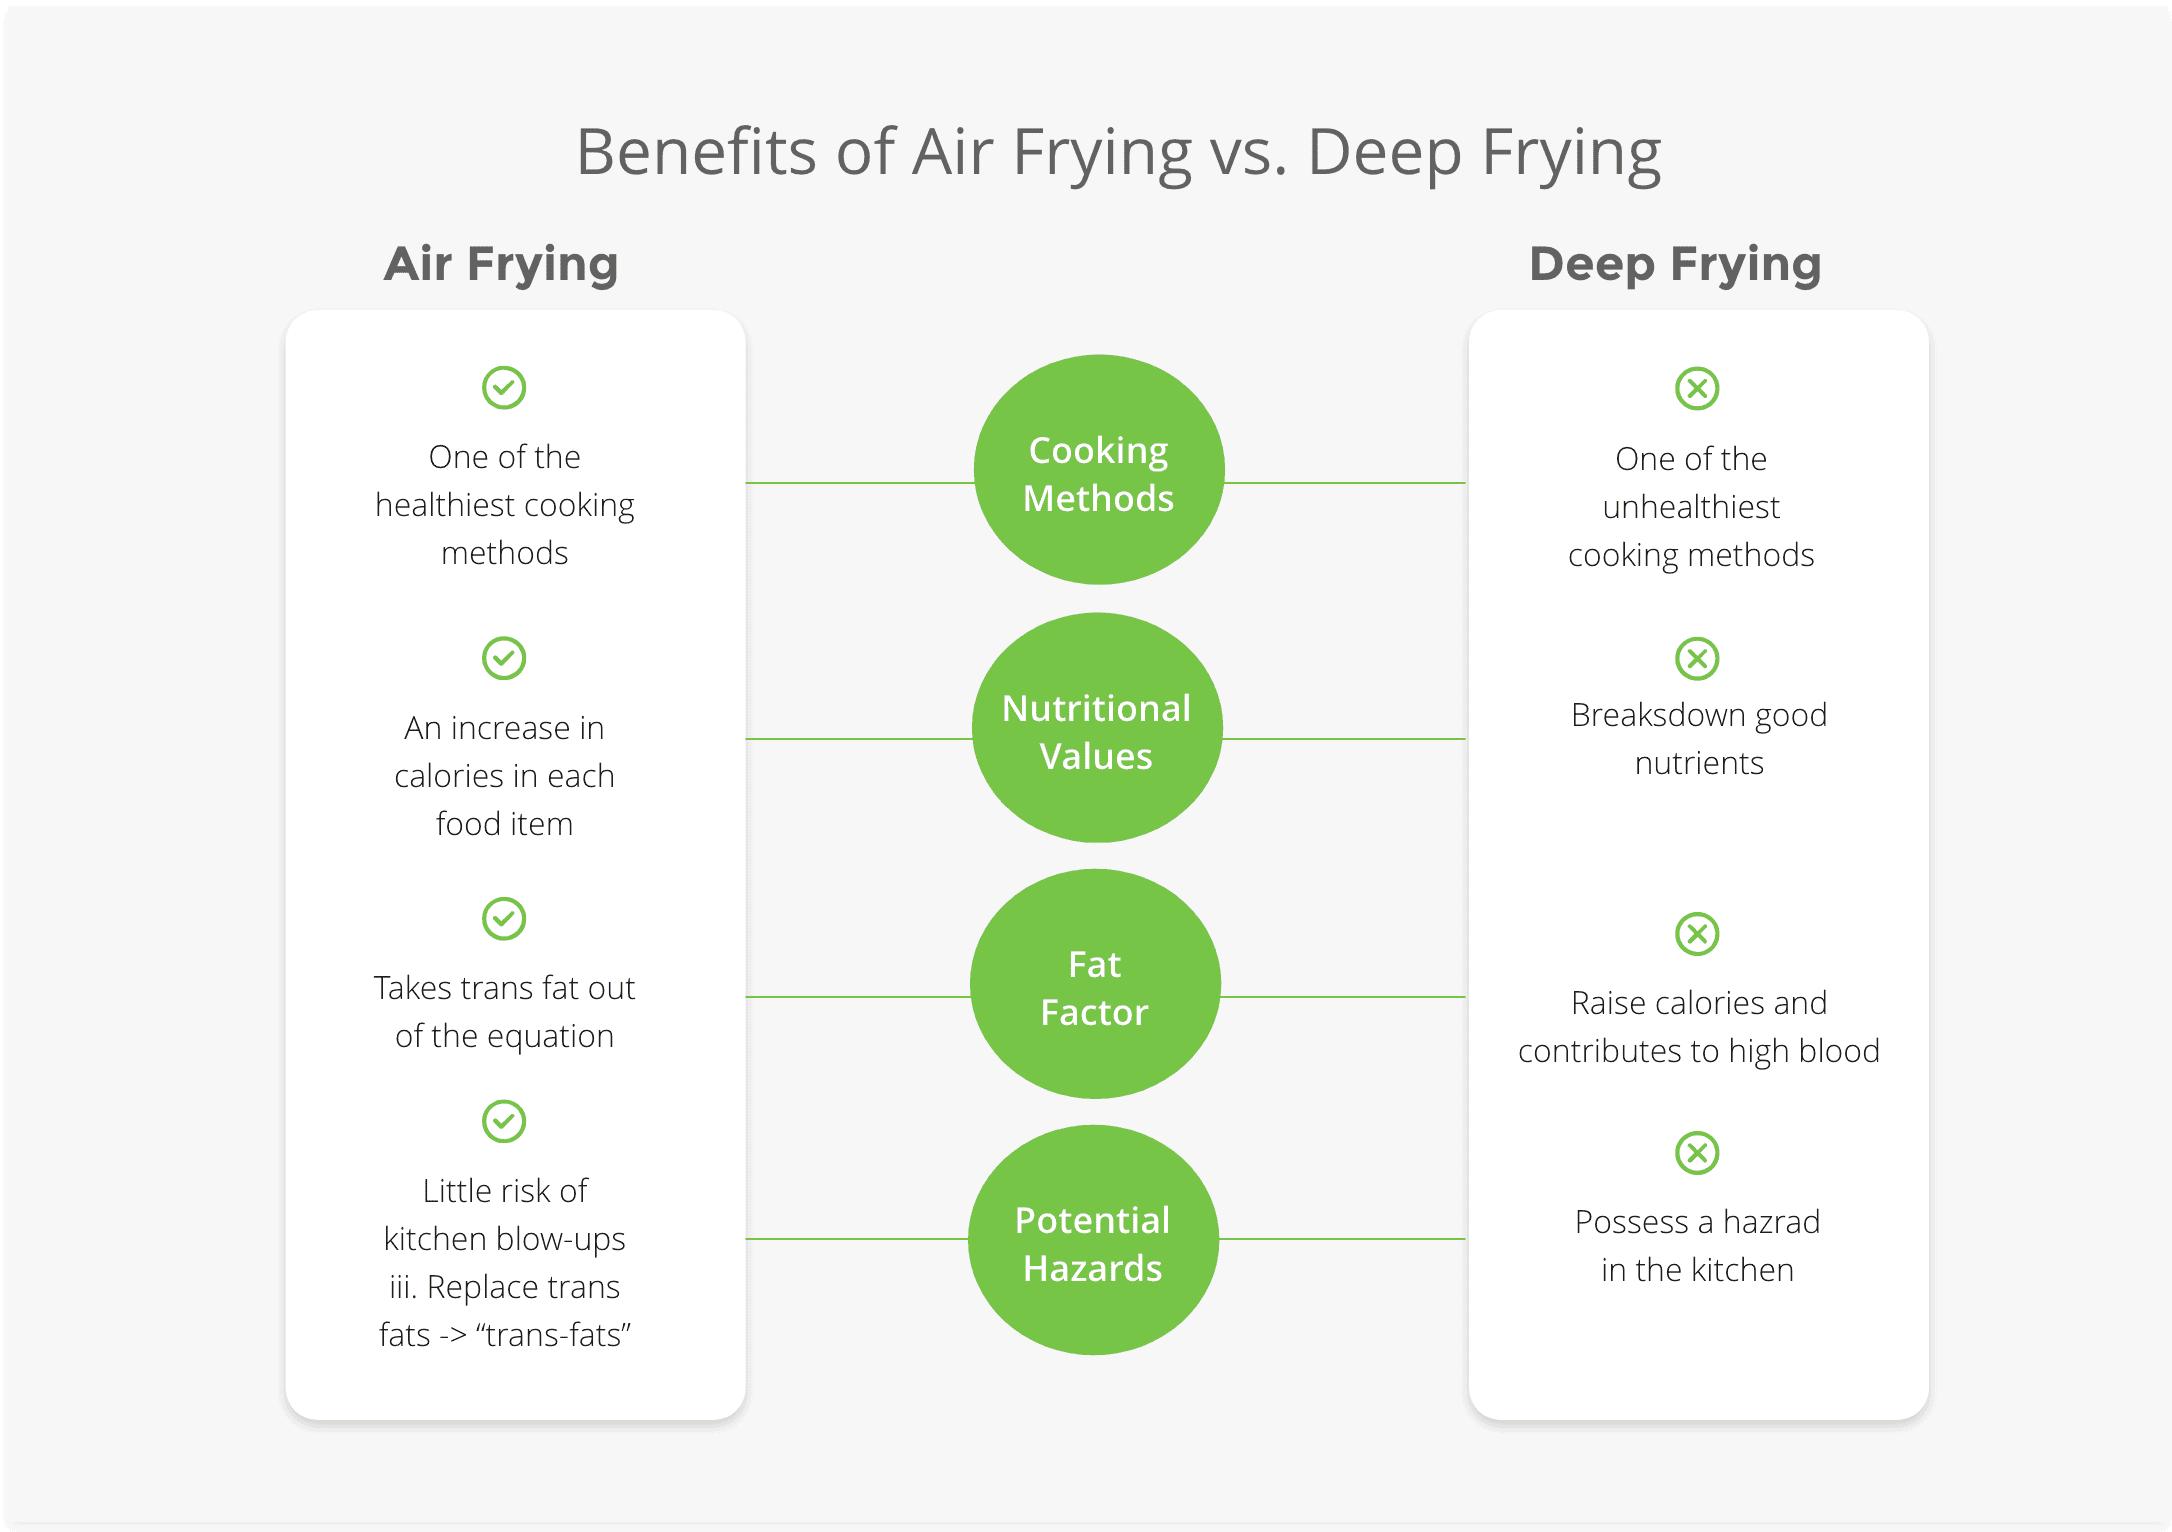 Benefits ofAir Frying Vs. Deep Frying